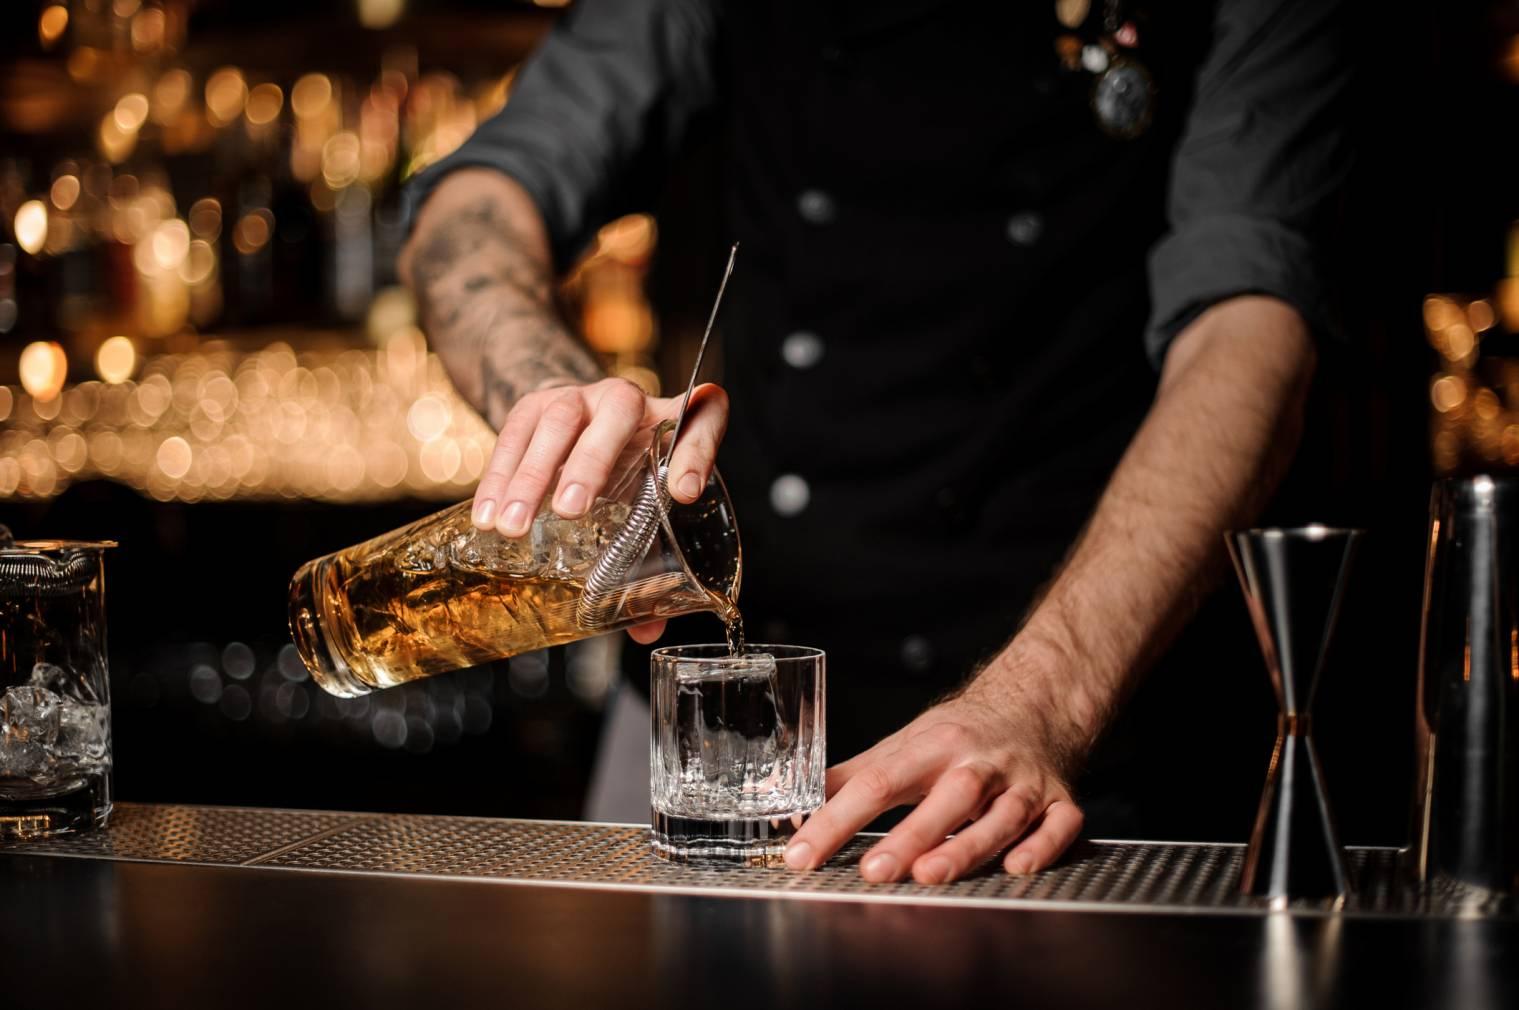 la reglementation sur la-vente d'alcool en france